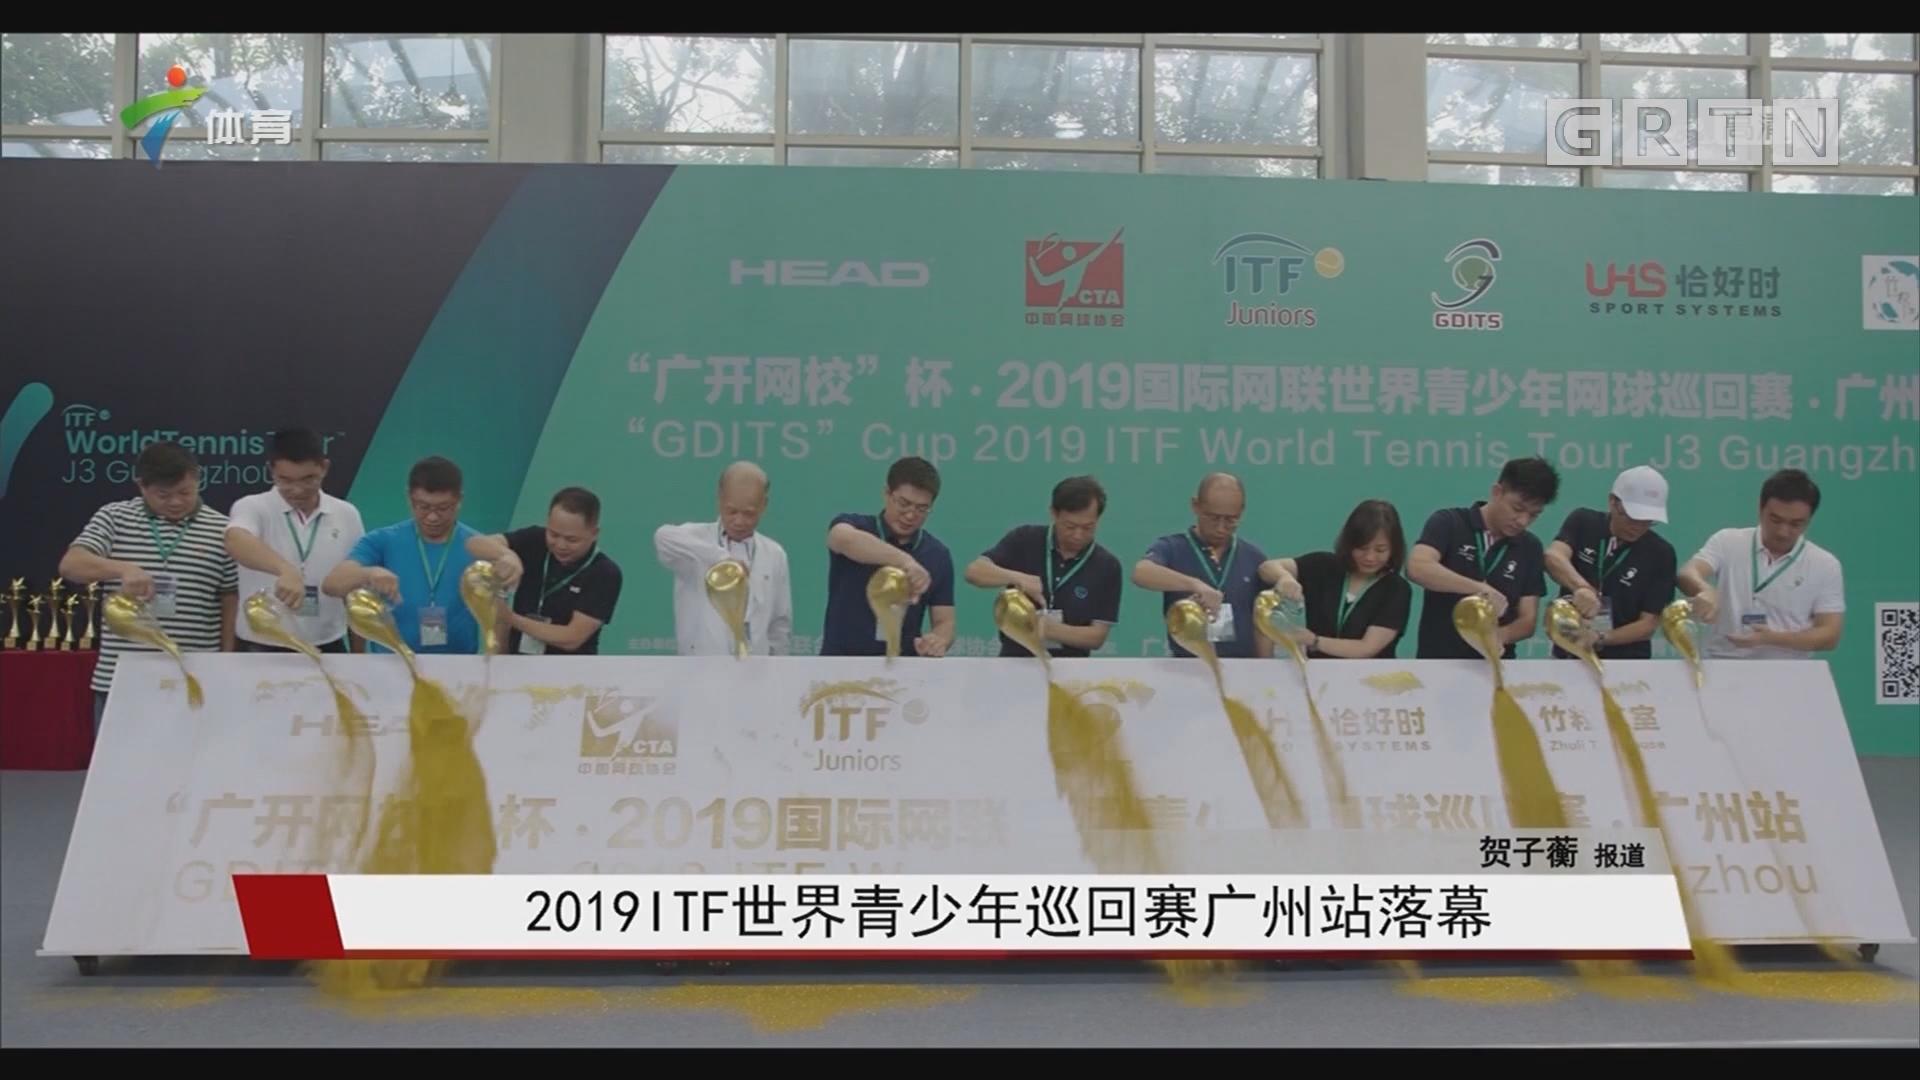 2019ITF世界青少年巡回赛广州站落幕